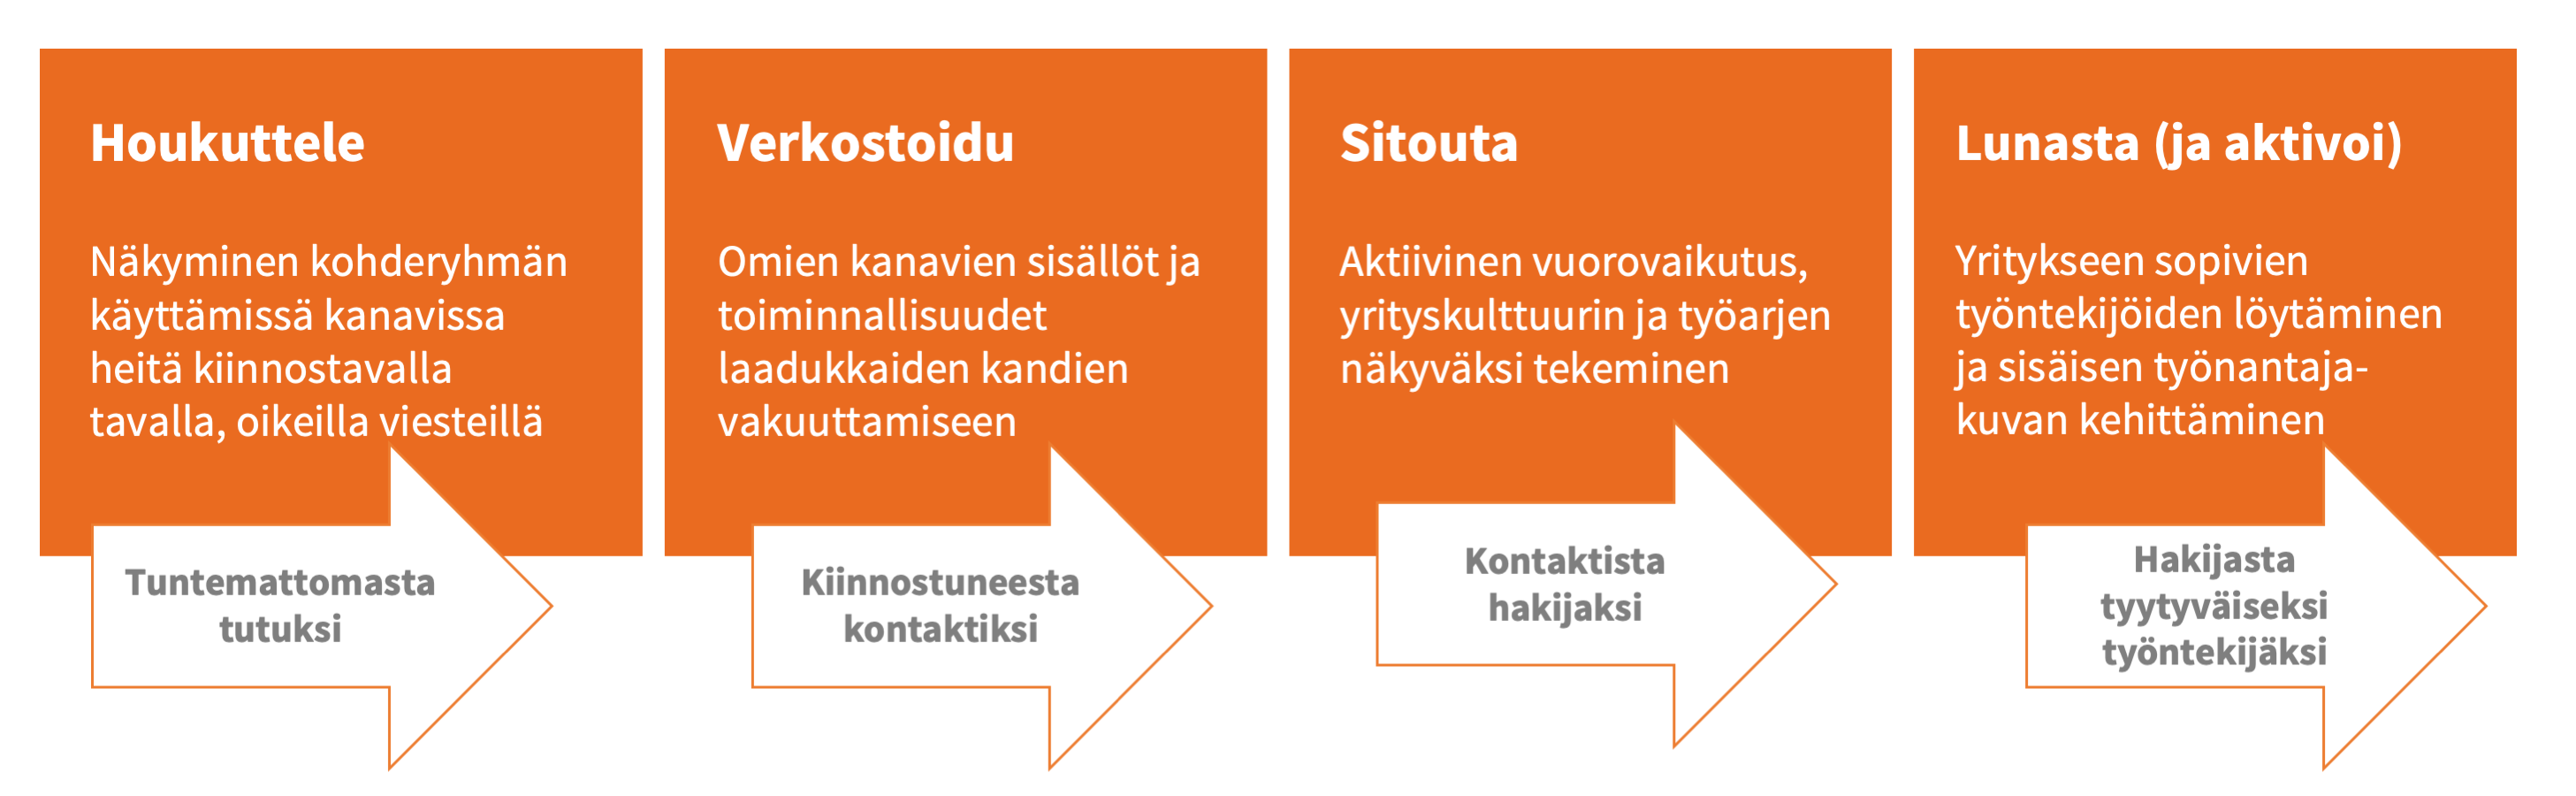 Rekrytoinnin inbound-markkinointi: Hakijapolun vaiheet ja tavoitteet